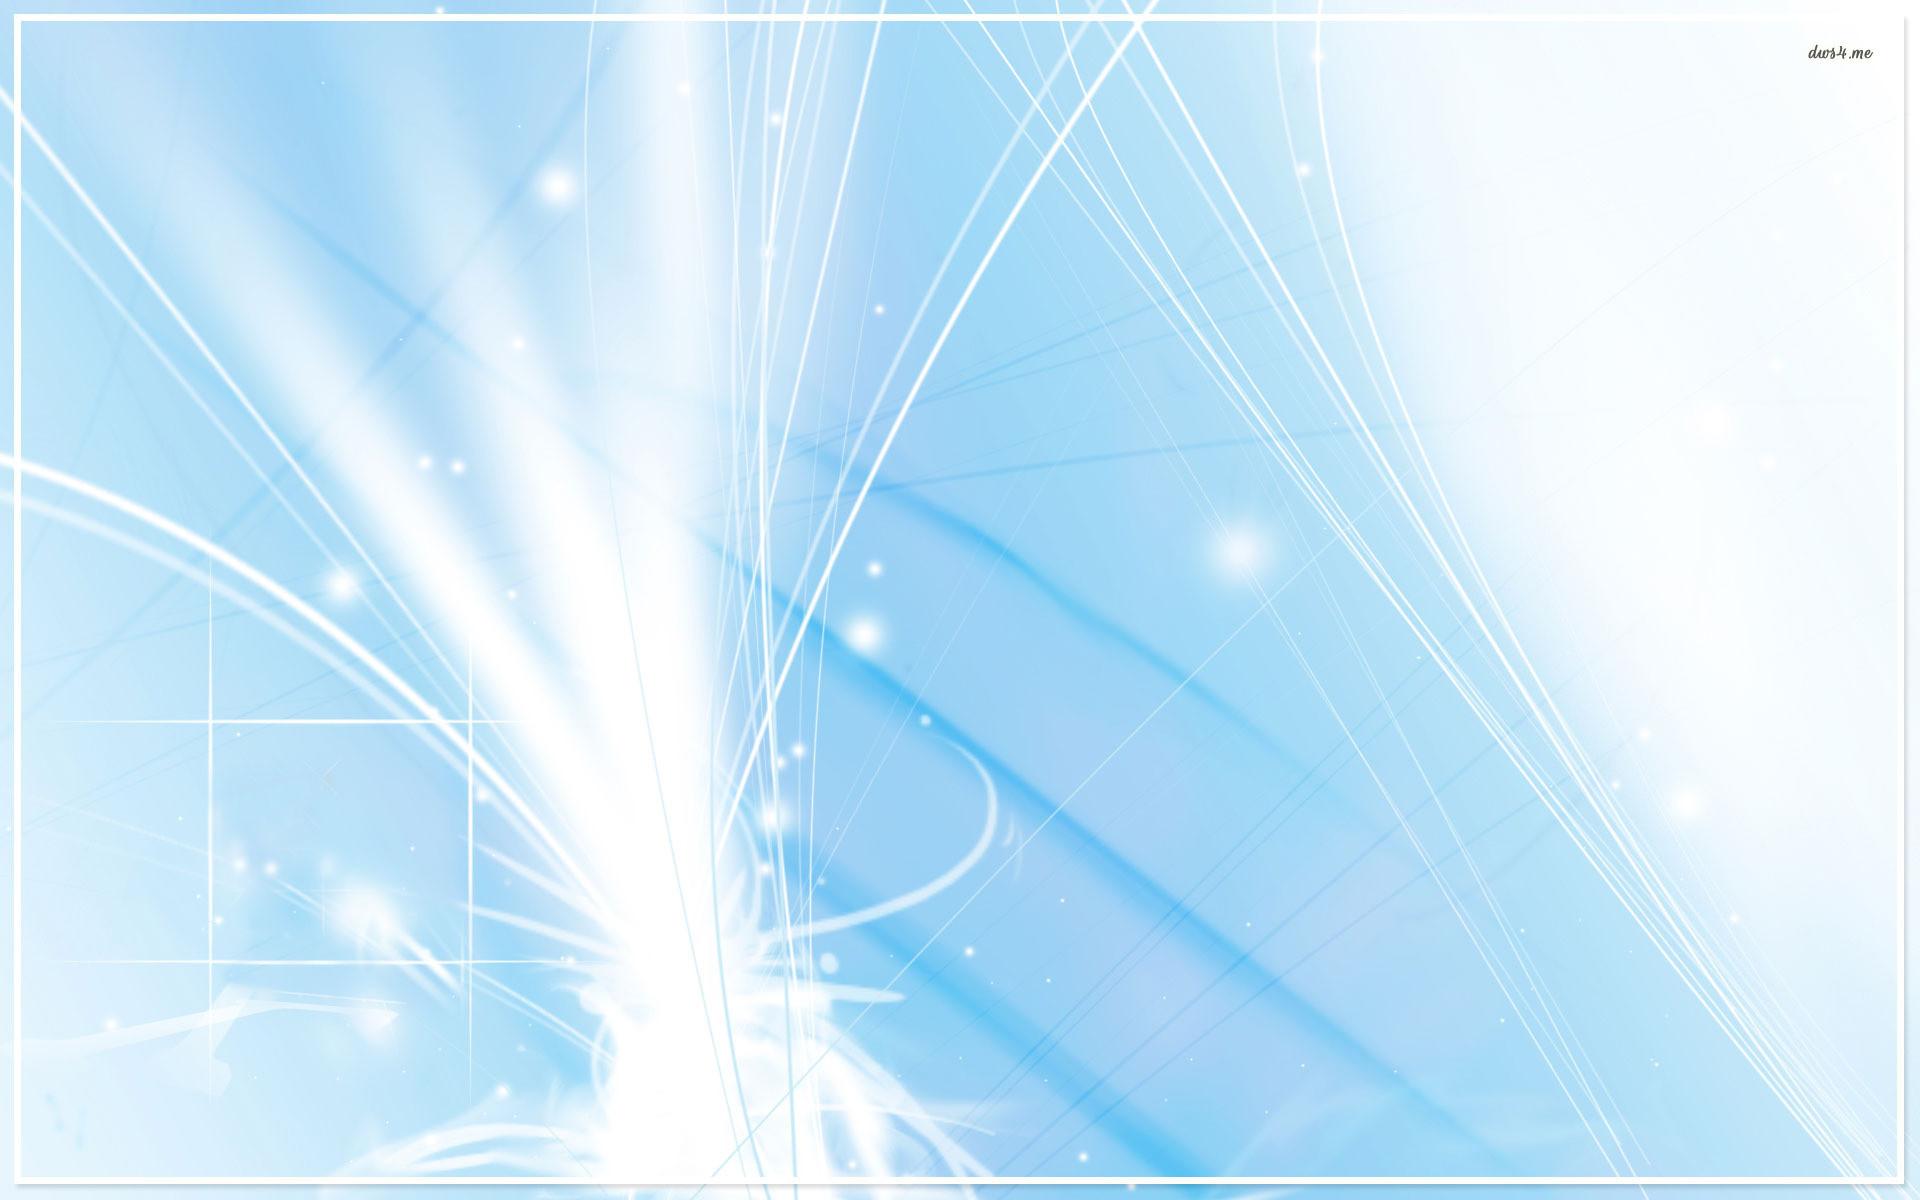 Light Blue Spirals Wallpaper – Abstract Wallpapers – #3348